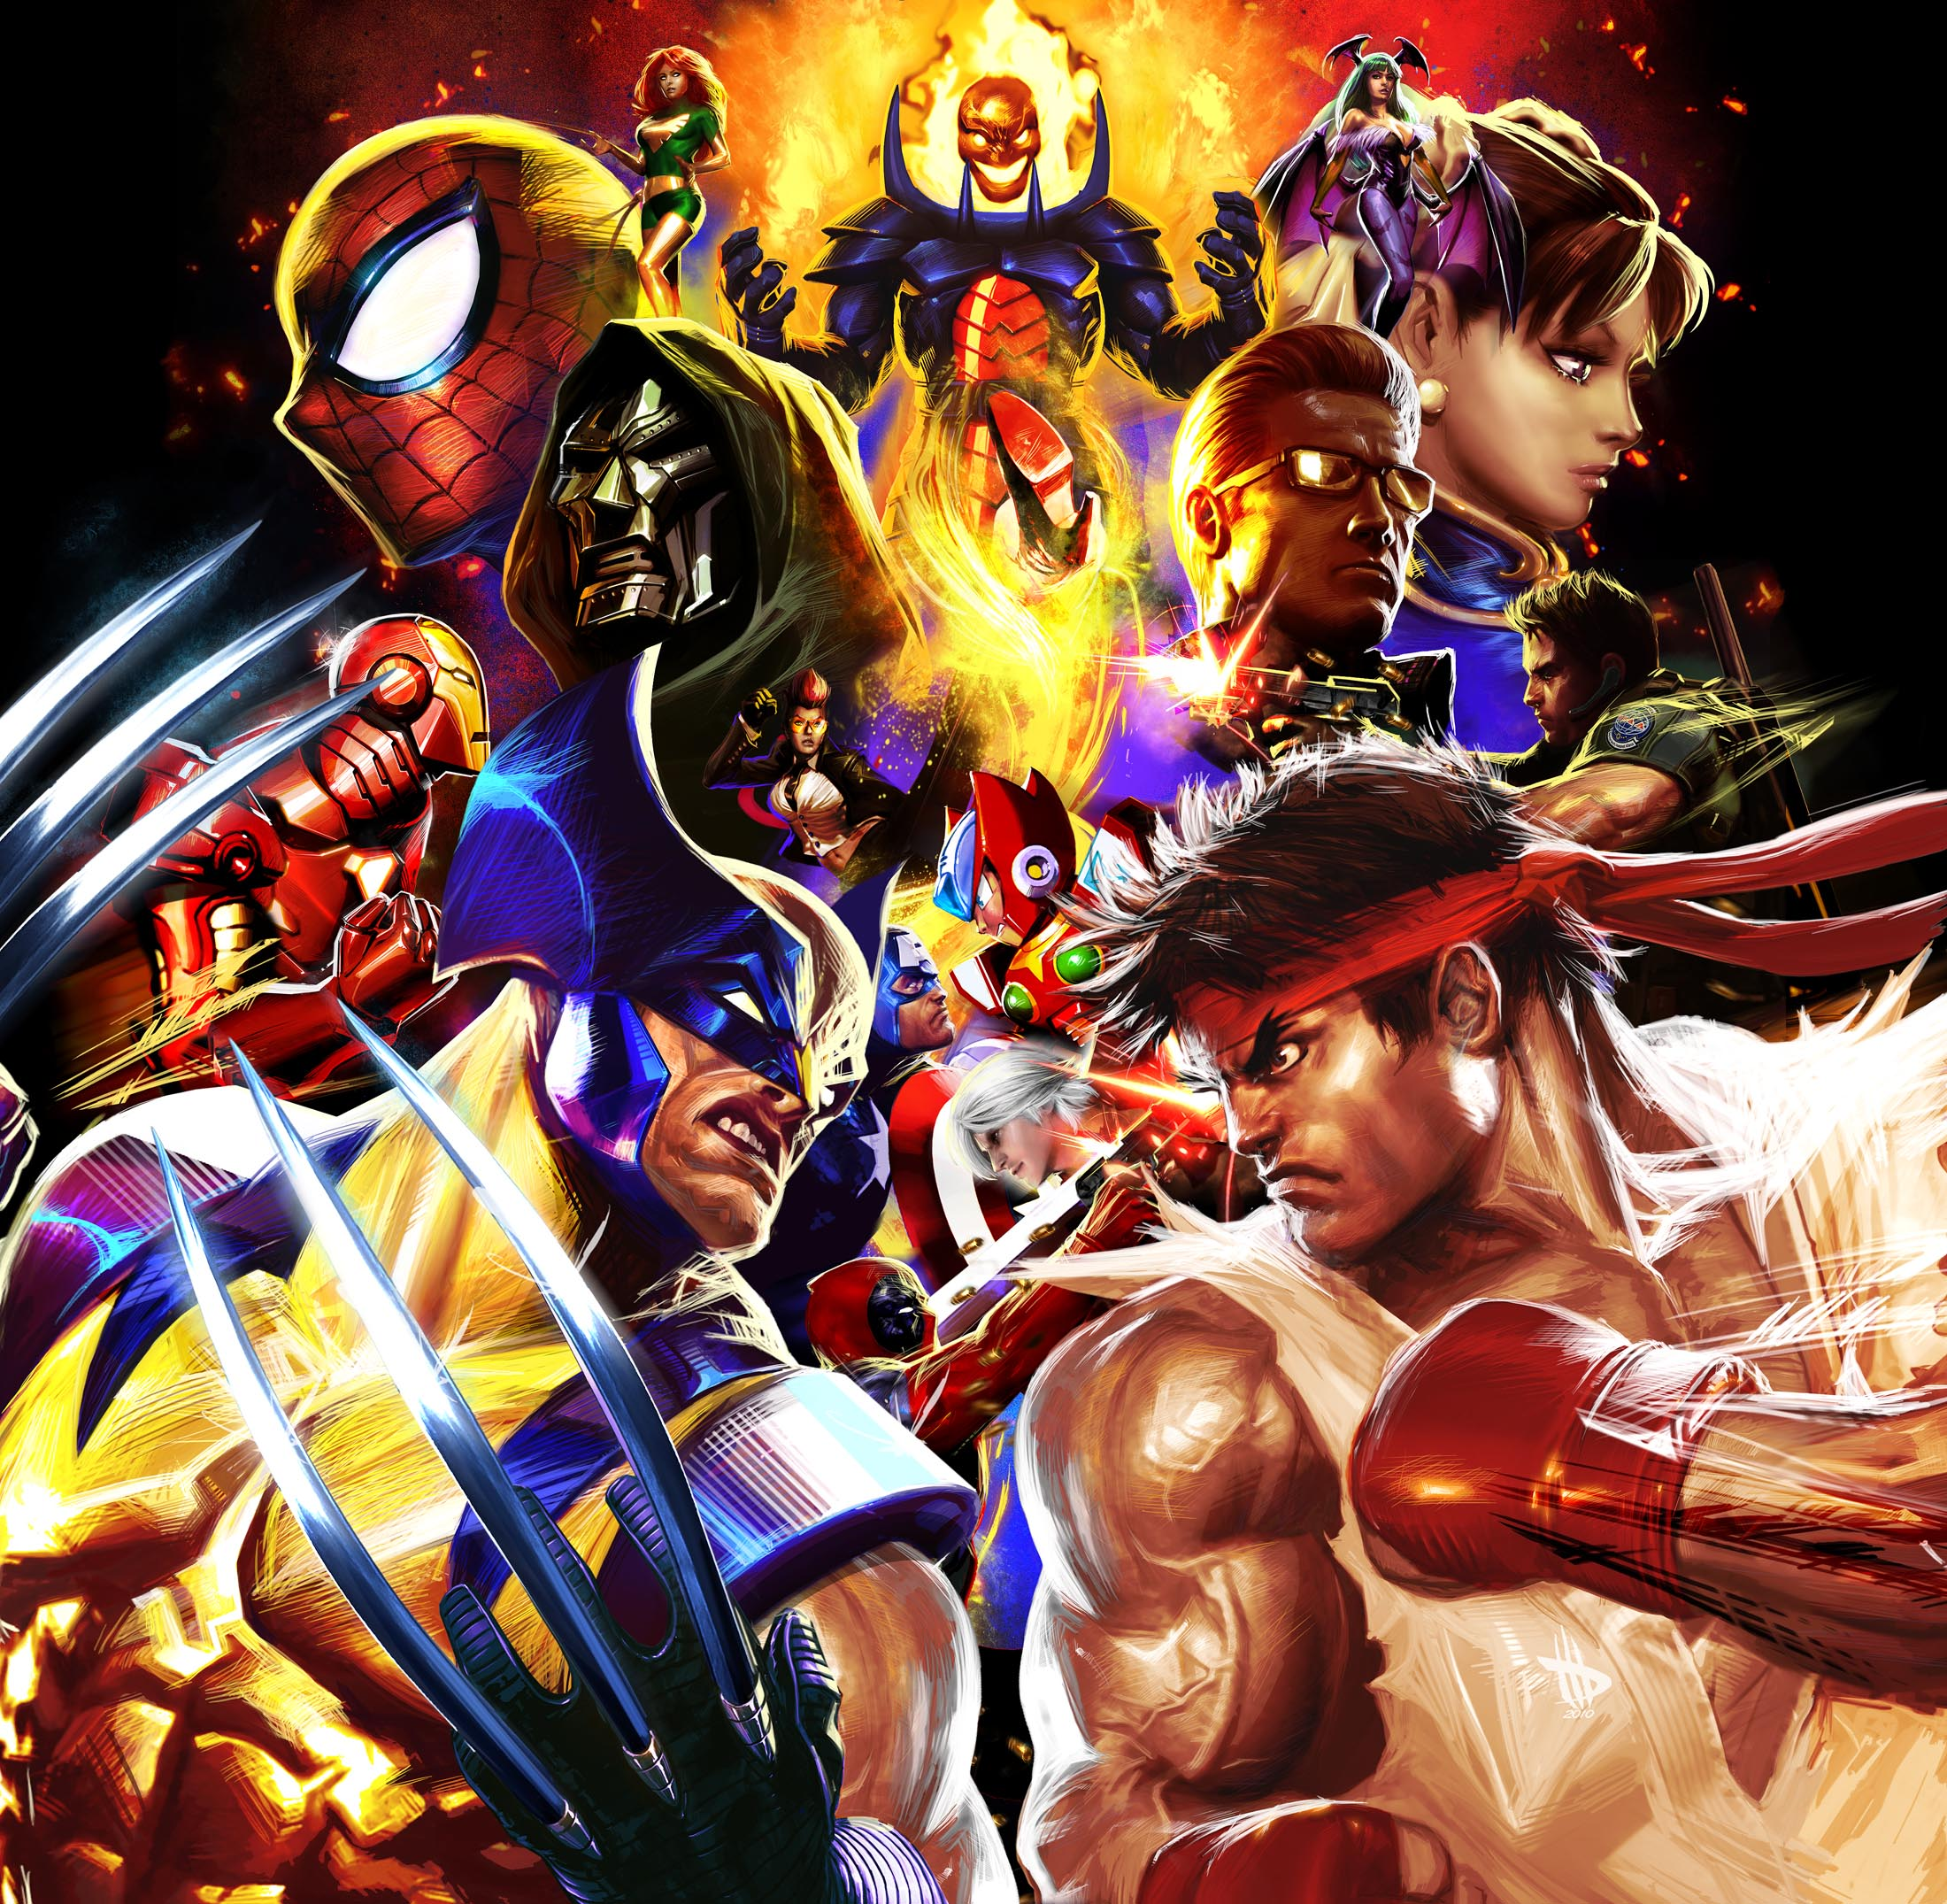 Marvel Vs Capcom 3 Wallpapers Comics Hq Marvel Vs Capcom 3